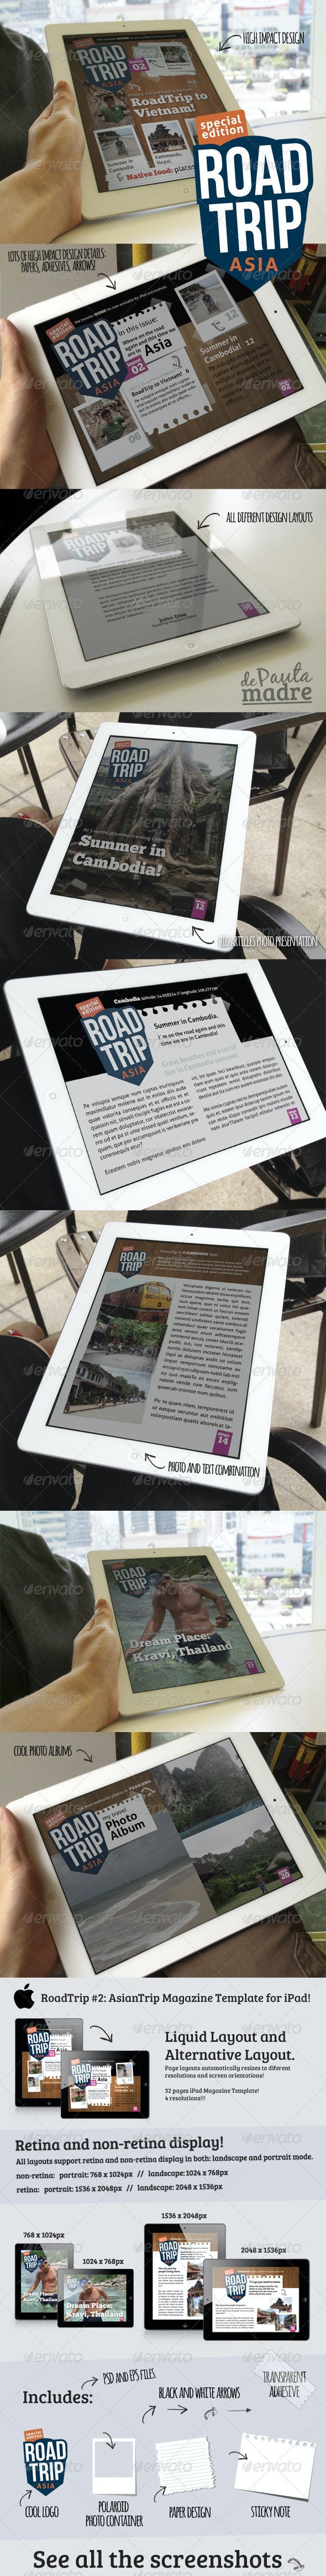 AsiaTrip Magazine Template Issue #2 for iPad - Digital Magazines ePublishing